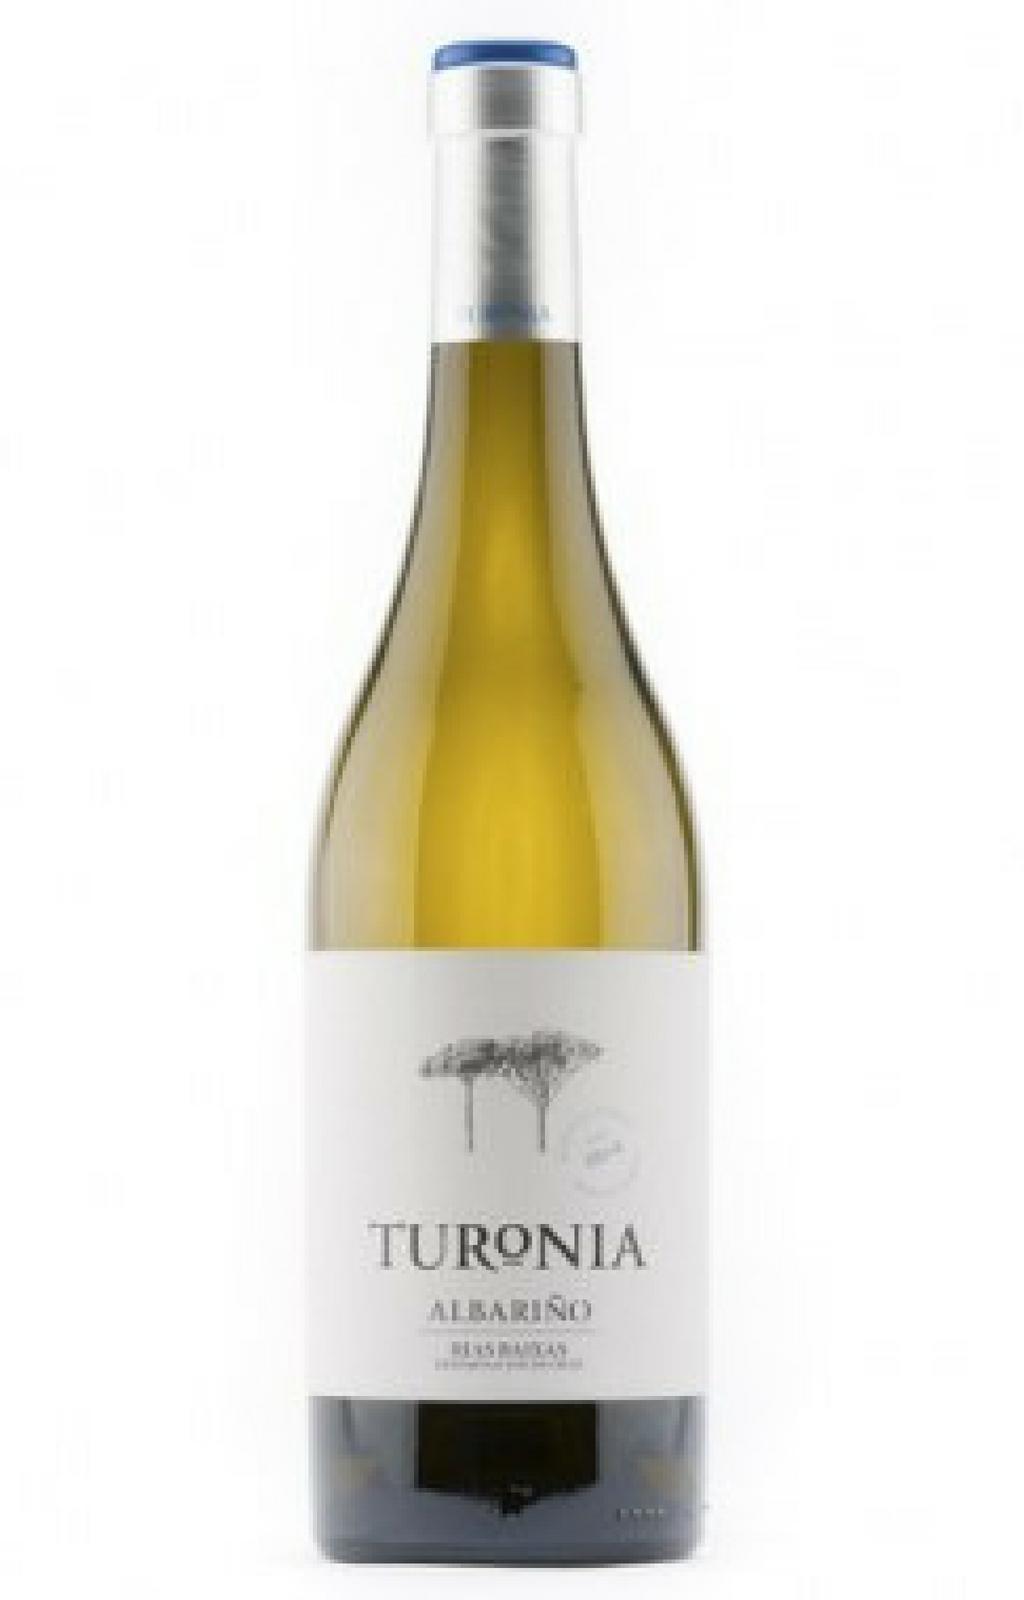 Turonia .jpg